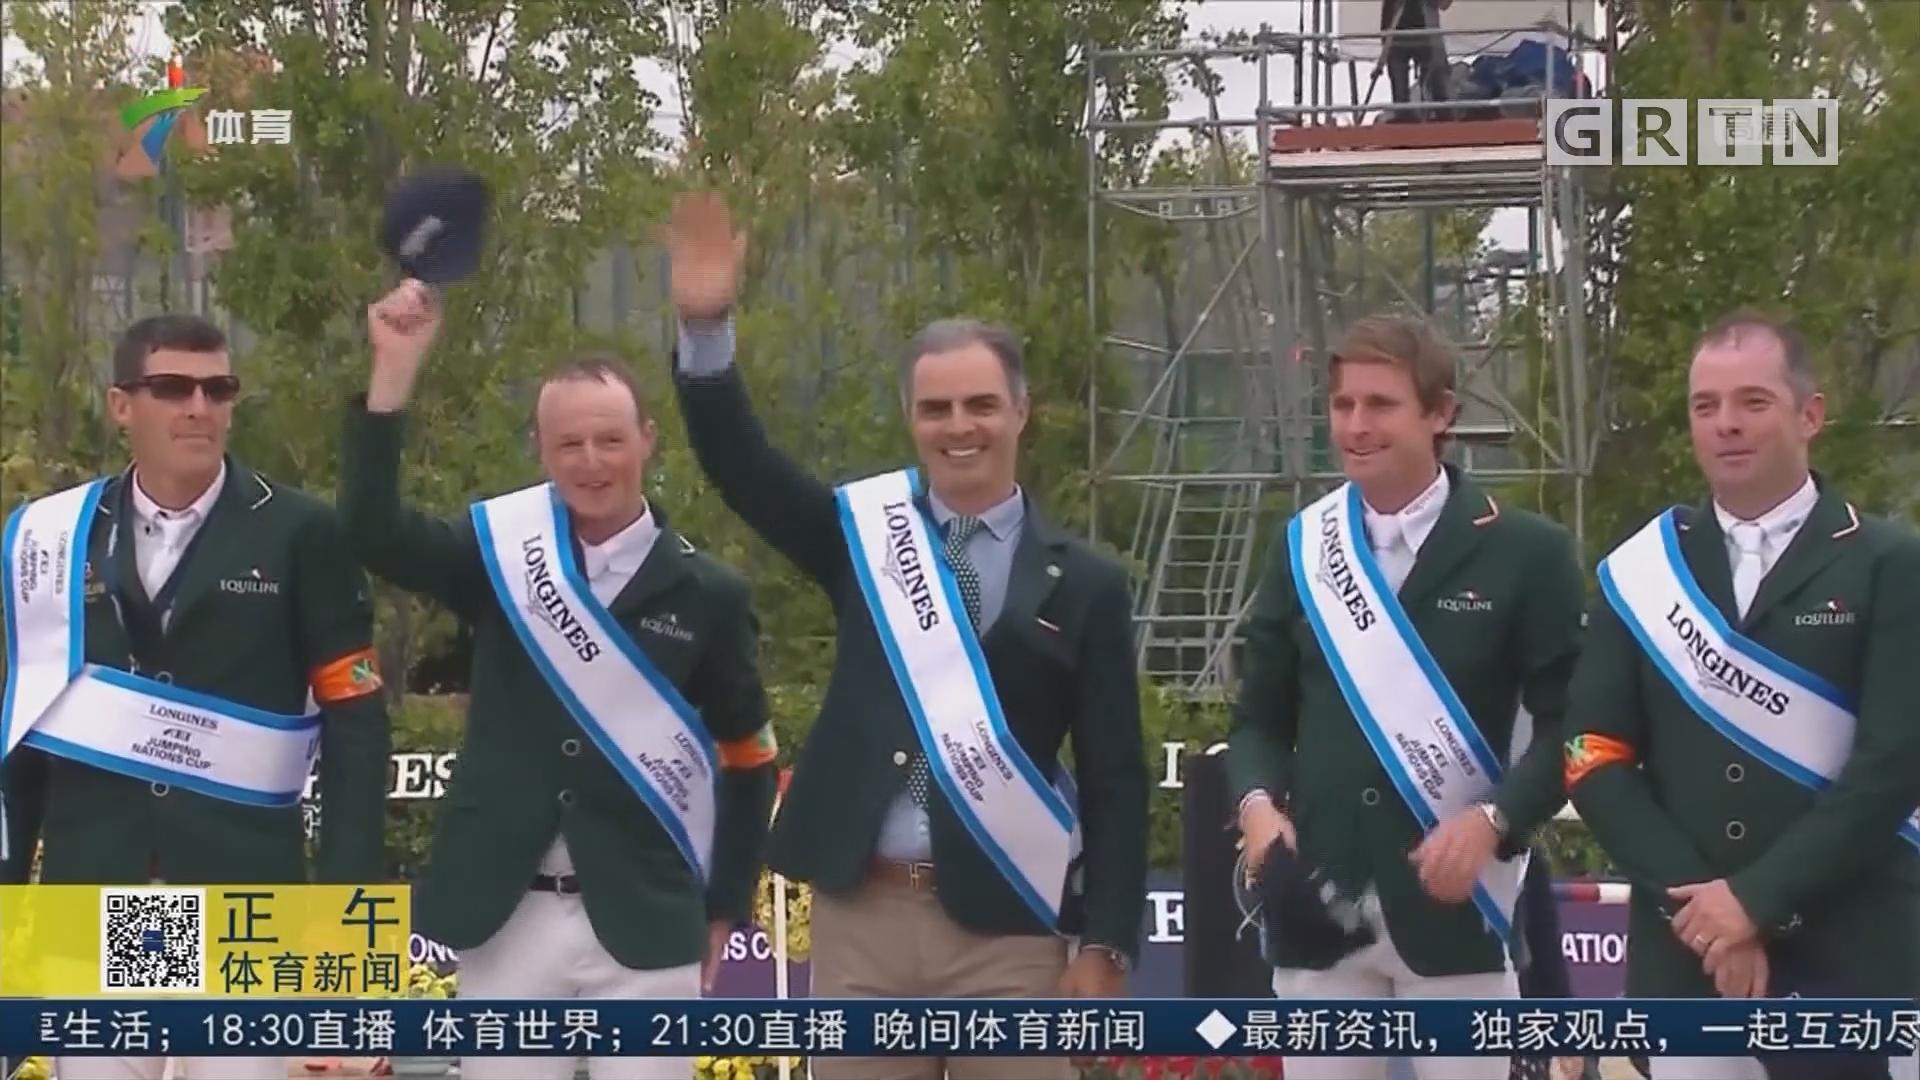 爱尔兰马术队获得东京奥运会资格